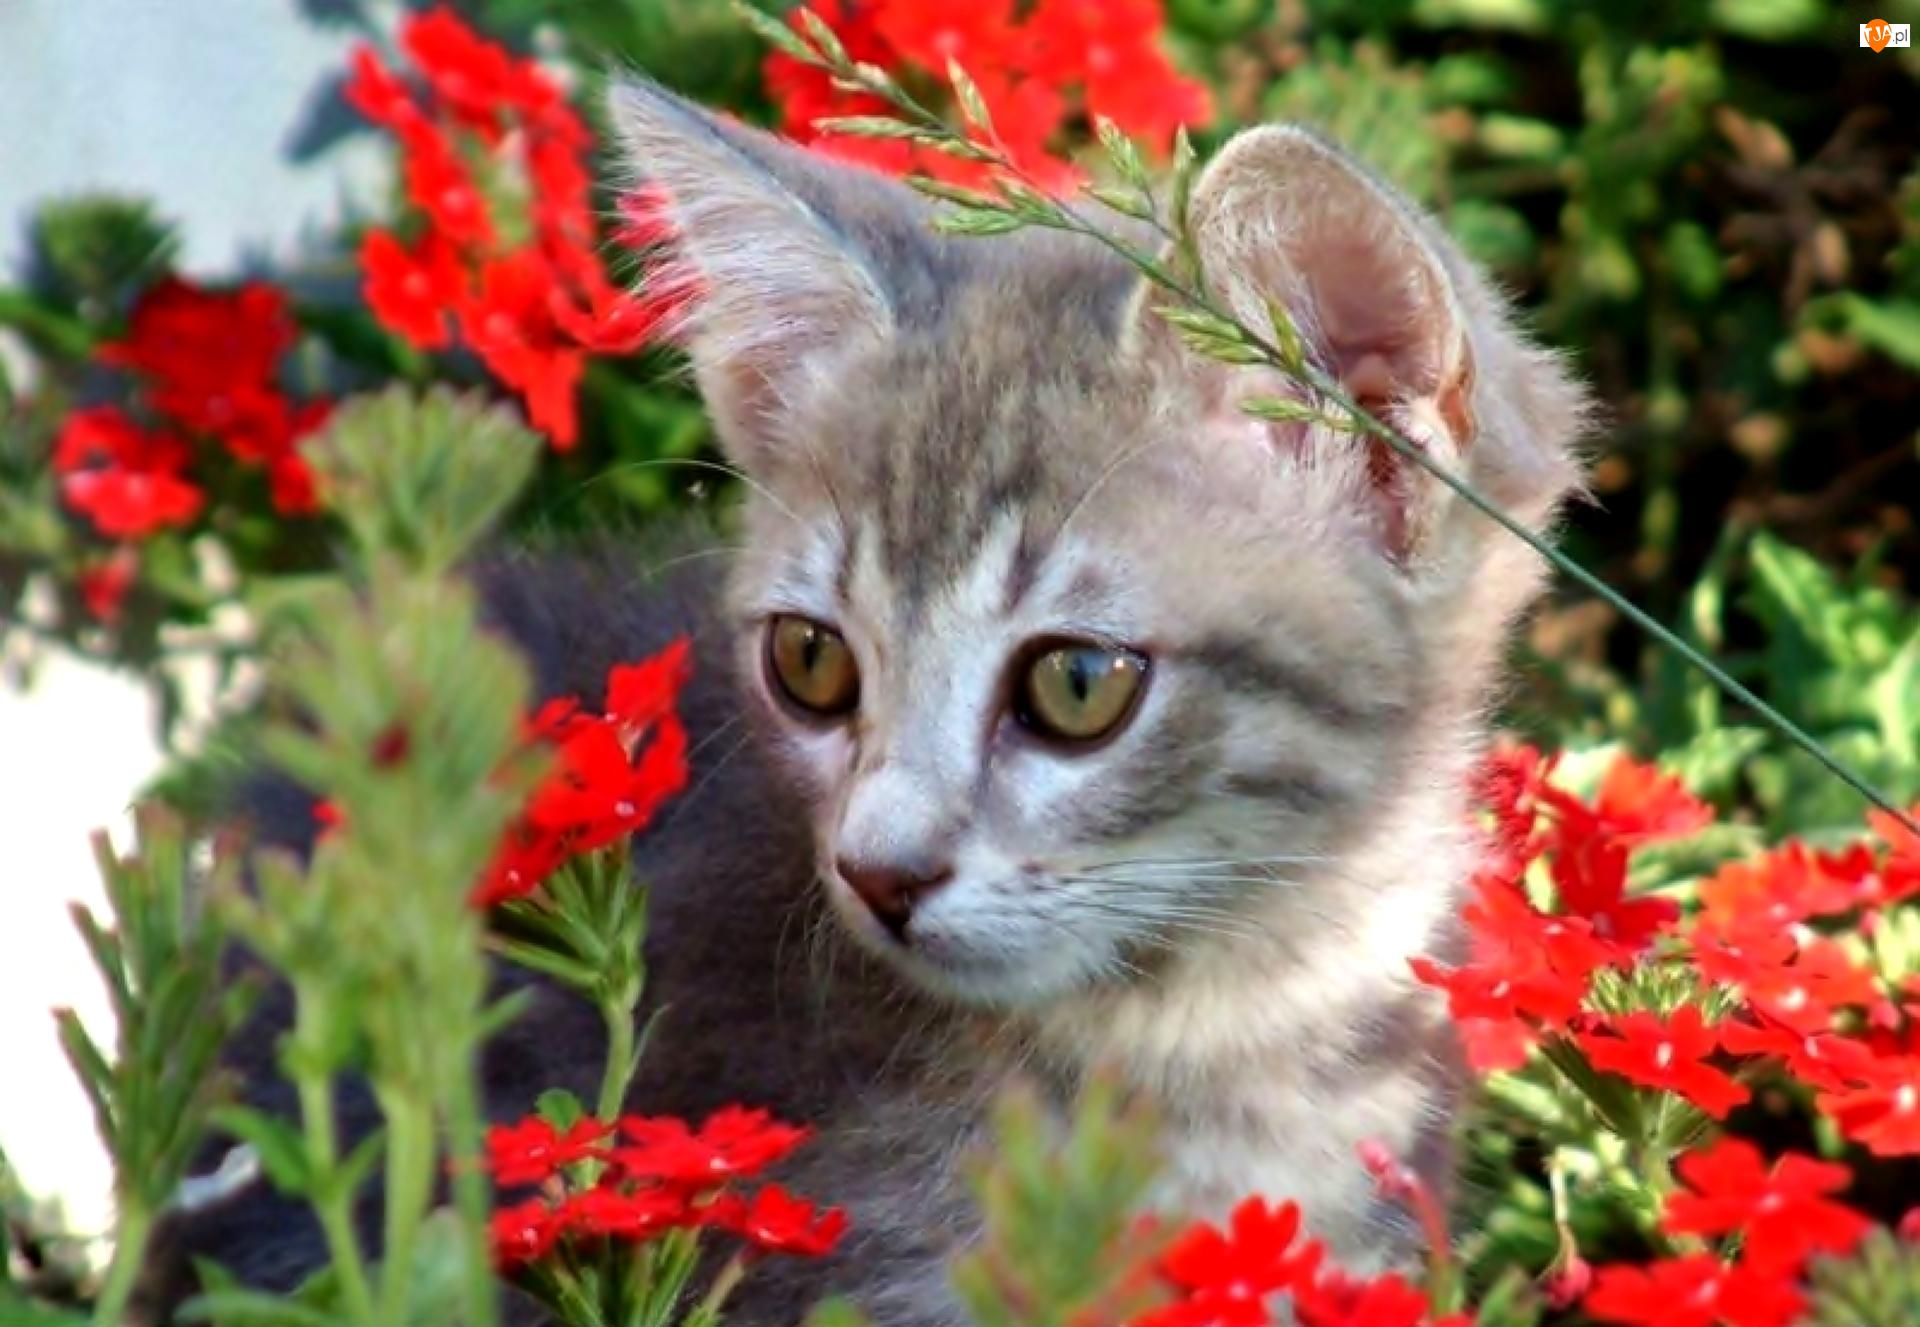 Kwiatki, Kotek, Czerwone